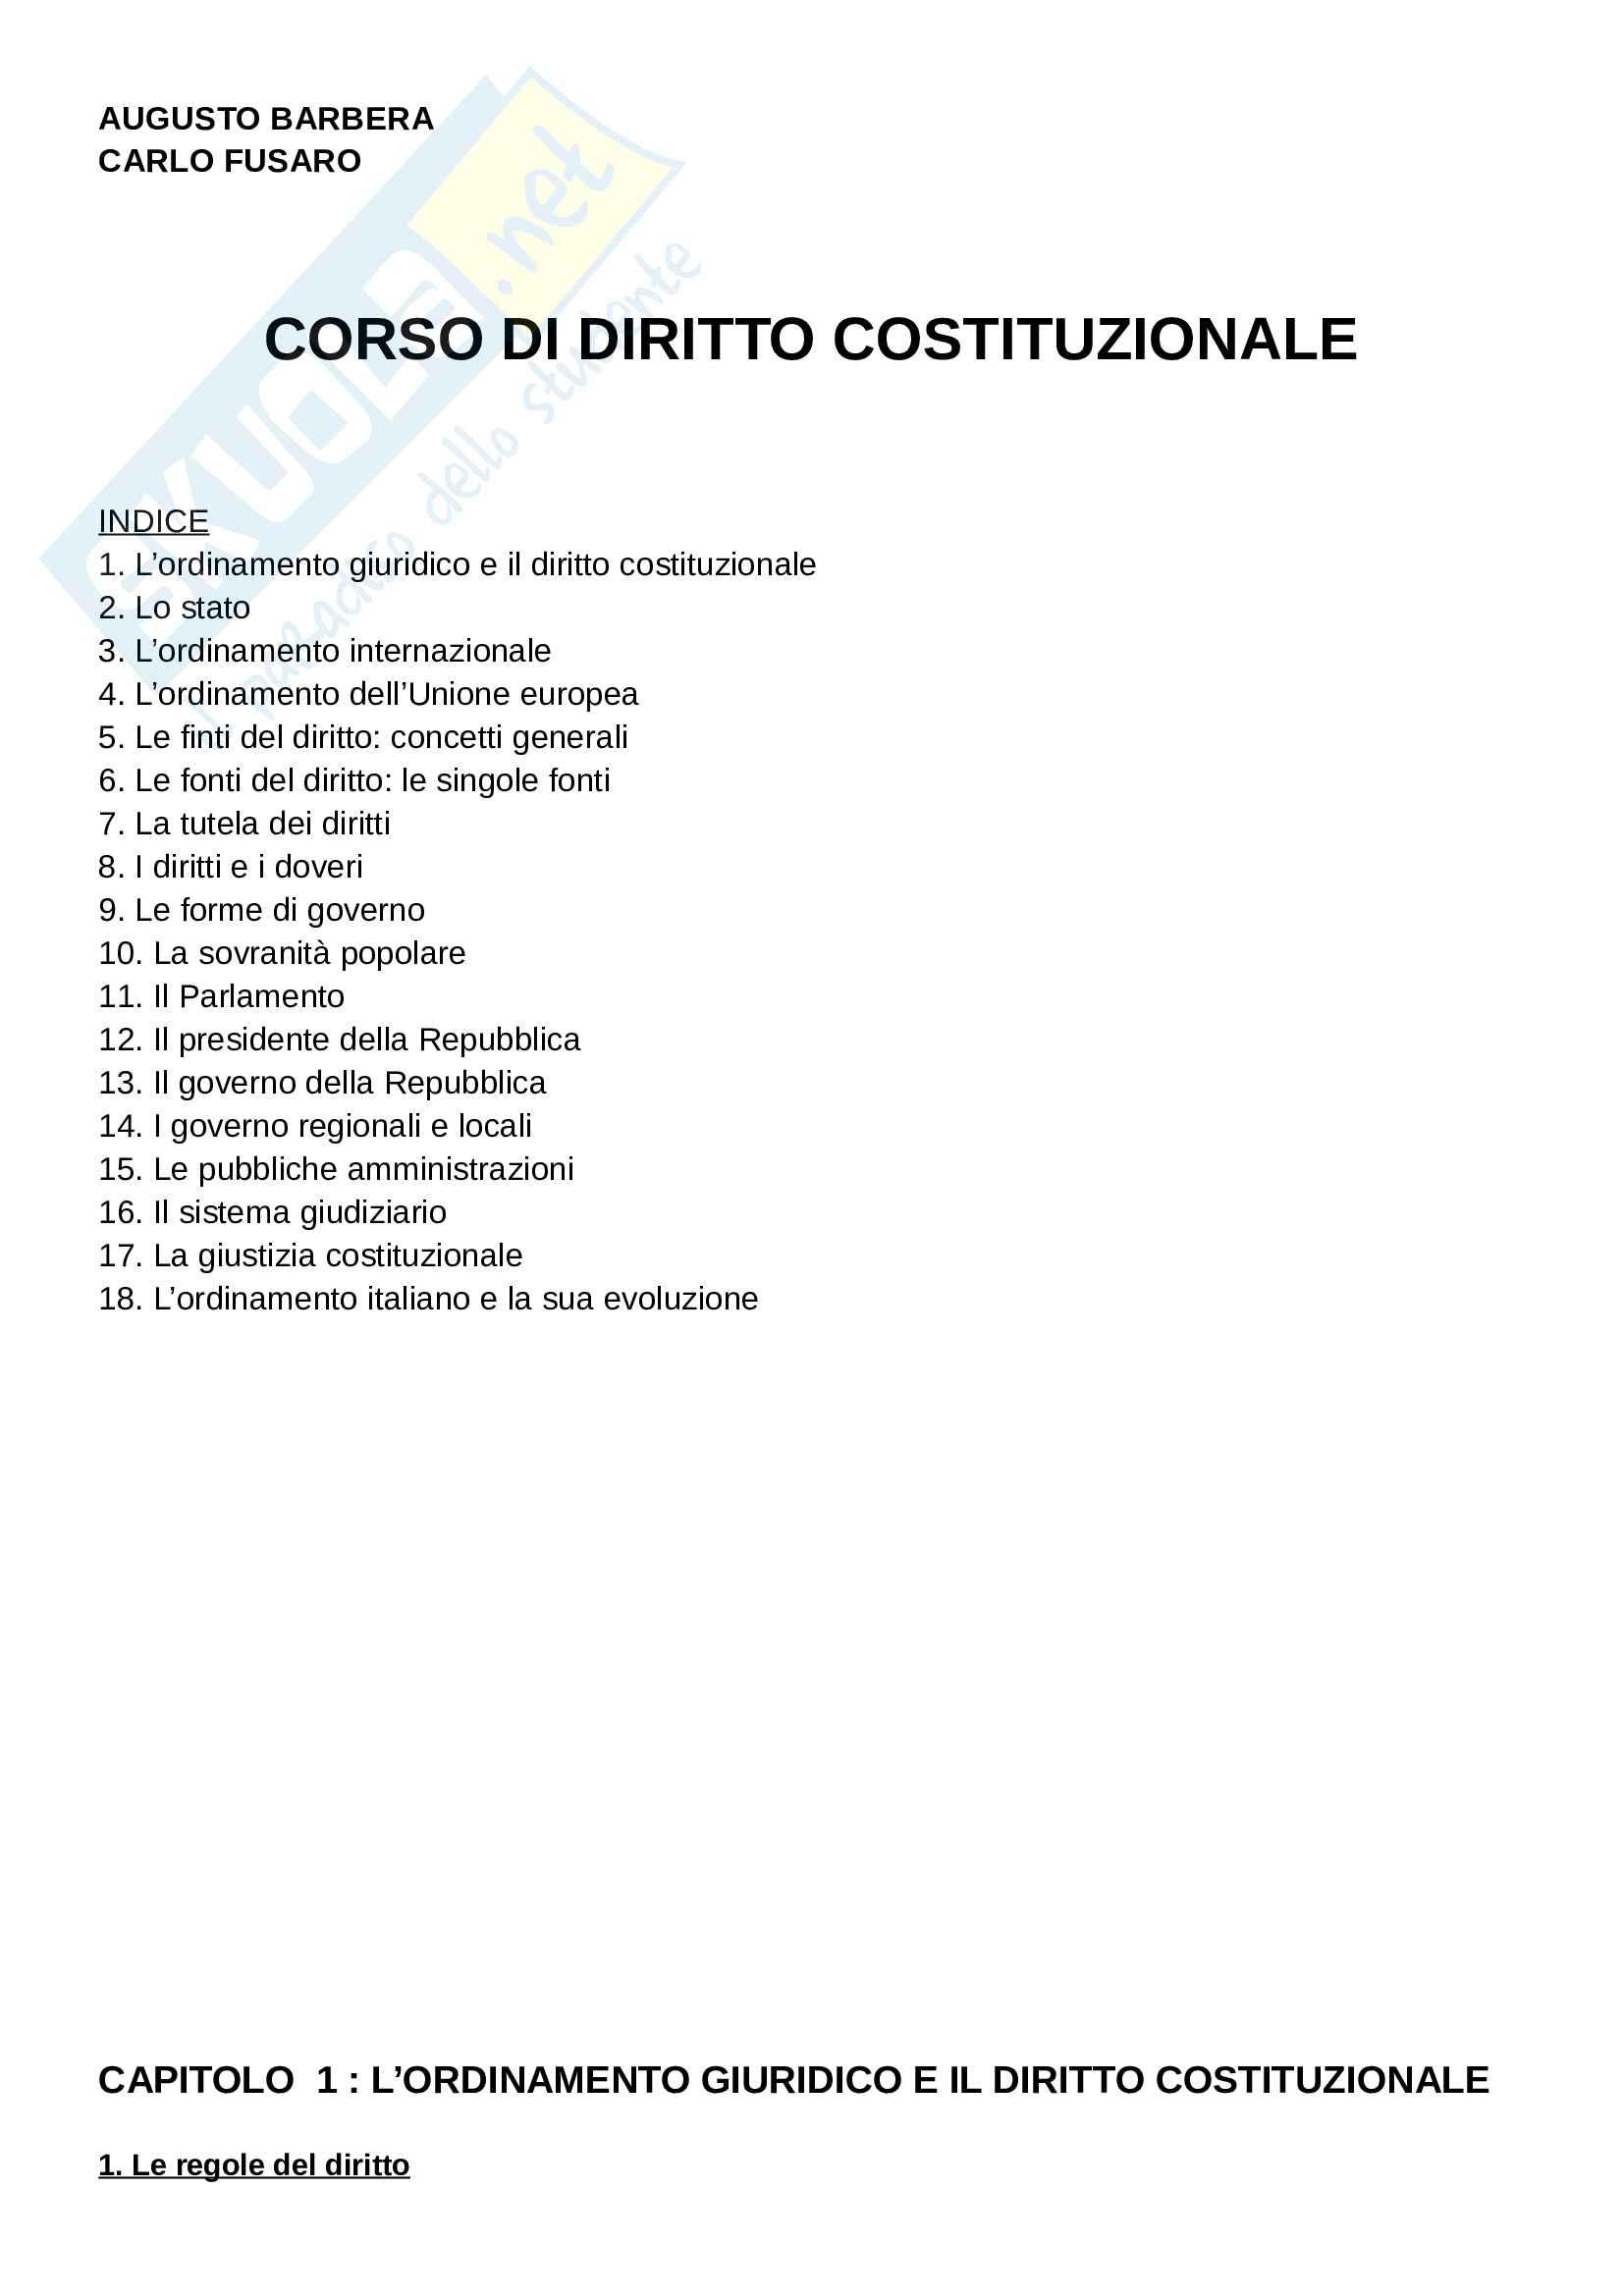 Riassunto esame Diritto Costituzionale, prof. Giupponi, libro consigliato Corso di Diritto Costituzionale di A.Barbera e C.Fusaro Pag. 1